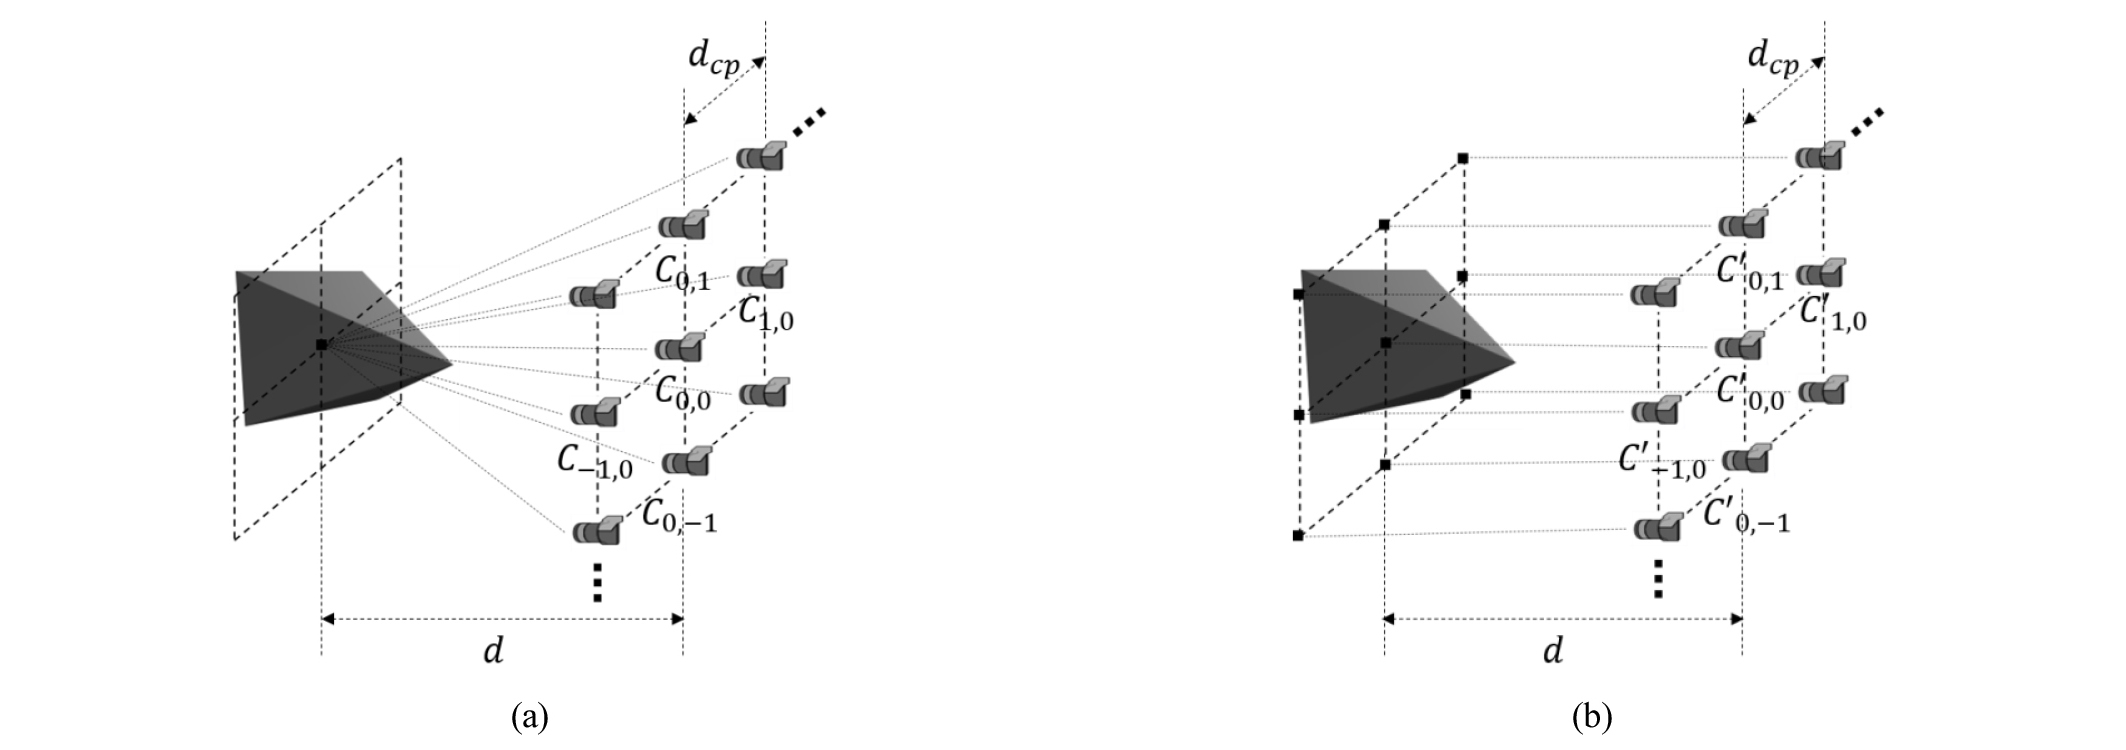 http://static.apub.kr/journalsite/sites/kjop/2019-030-03/N0140300304/images/kjop_30_03_04_F6.jpg